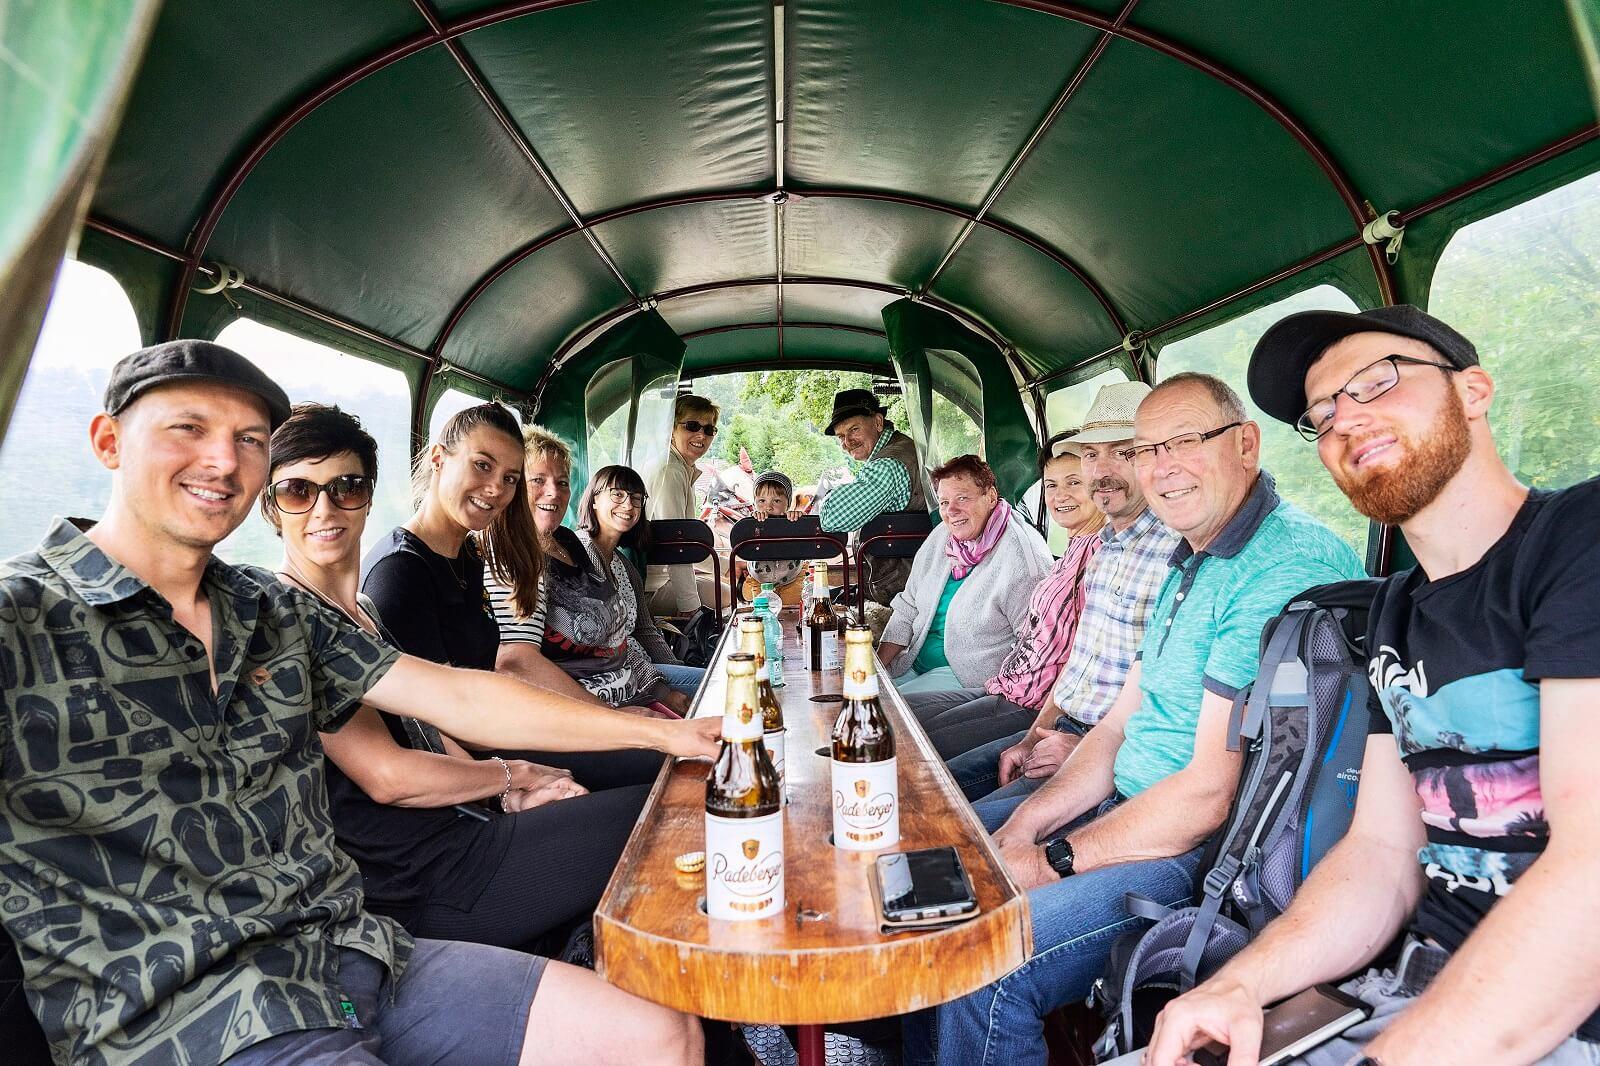 Gäste bei einer Planwagenfahrt mit dem Pferdefuhrbetrieb Nattermann